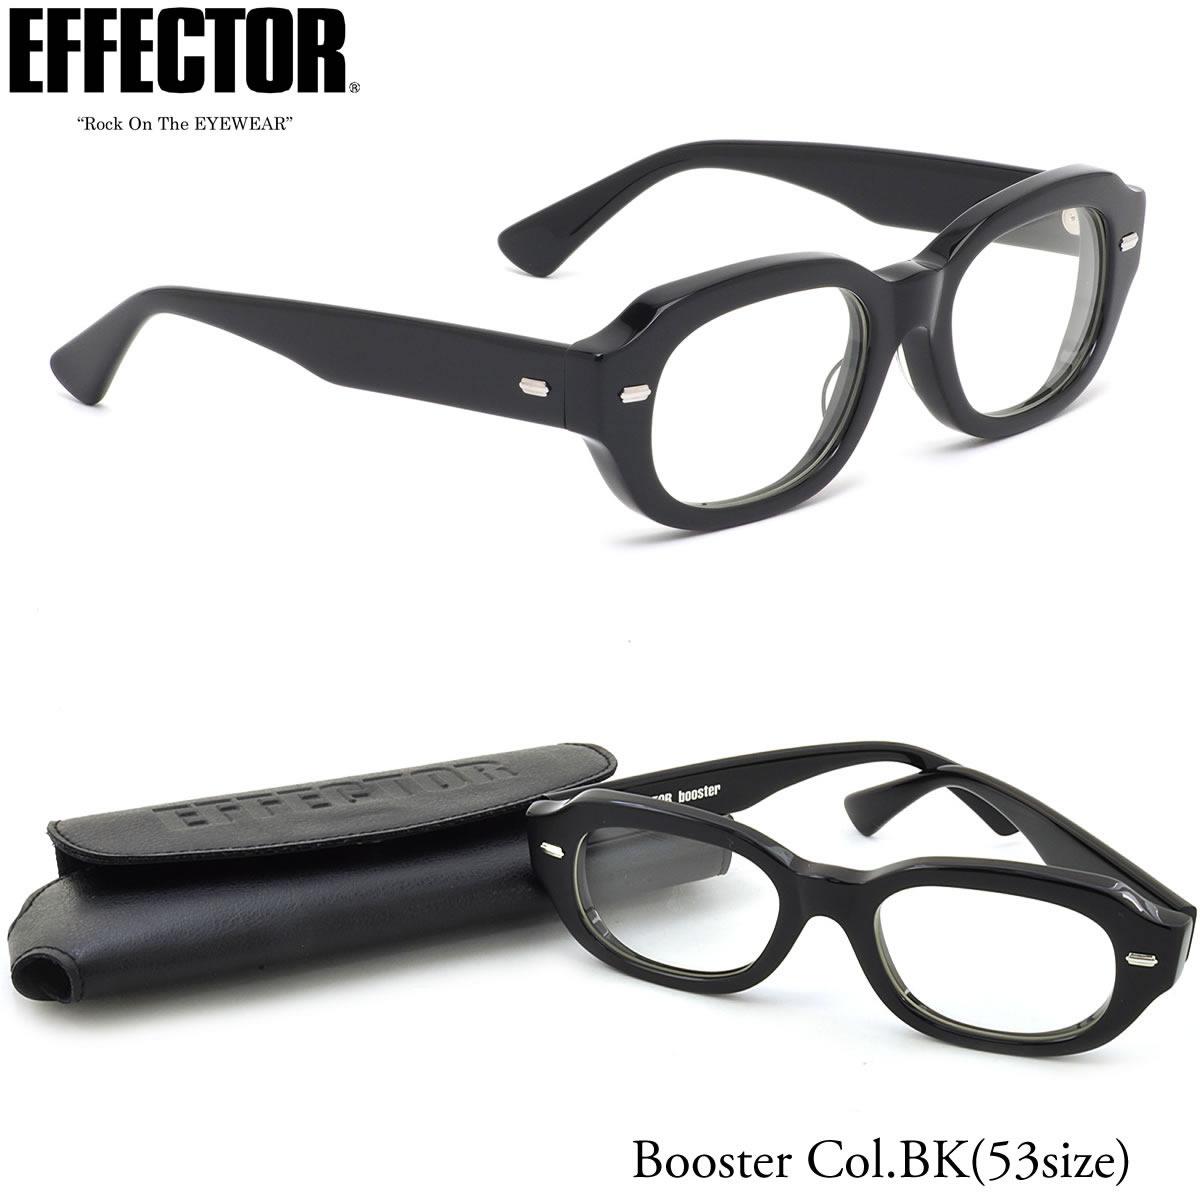 【10月30日からエントリーで全品ポイント20倍】【エフェクター】 (EFFECTOR) メガネ 伊達メガネセットBOOSTER BK 54サイズBooster ブースター 日本製 UVカット仕様 伊達メガネレンズ付EFFECTOR メンズ レディース